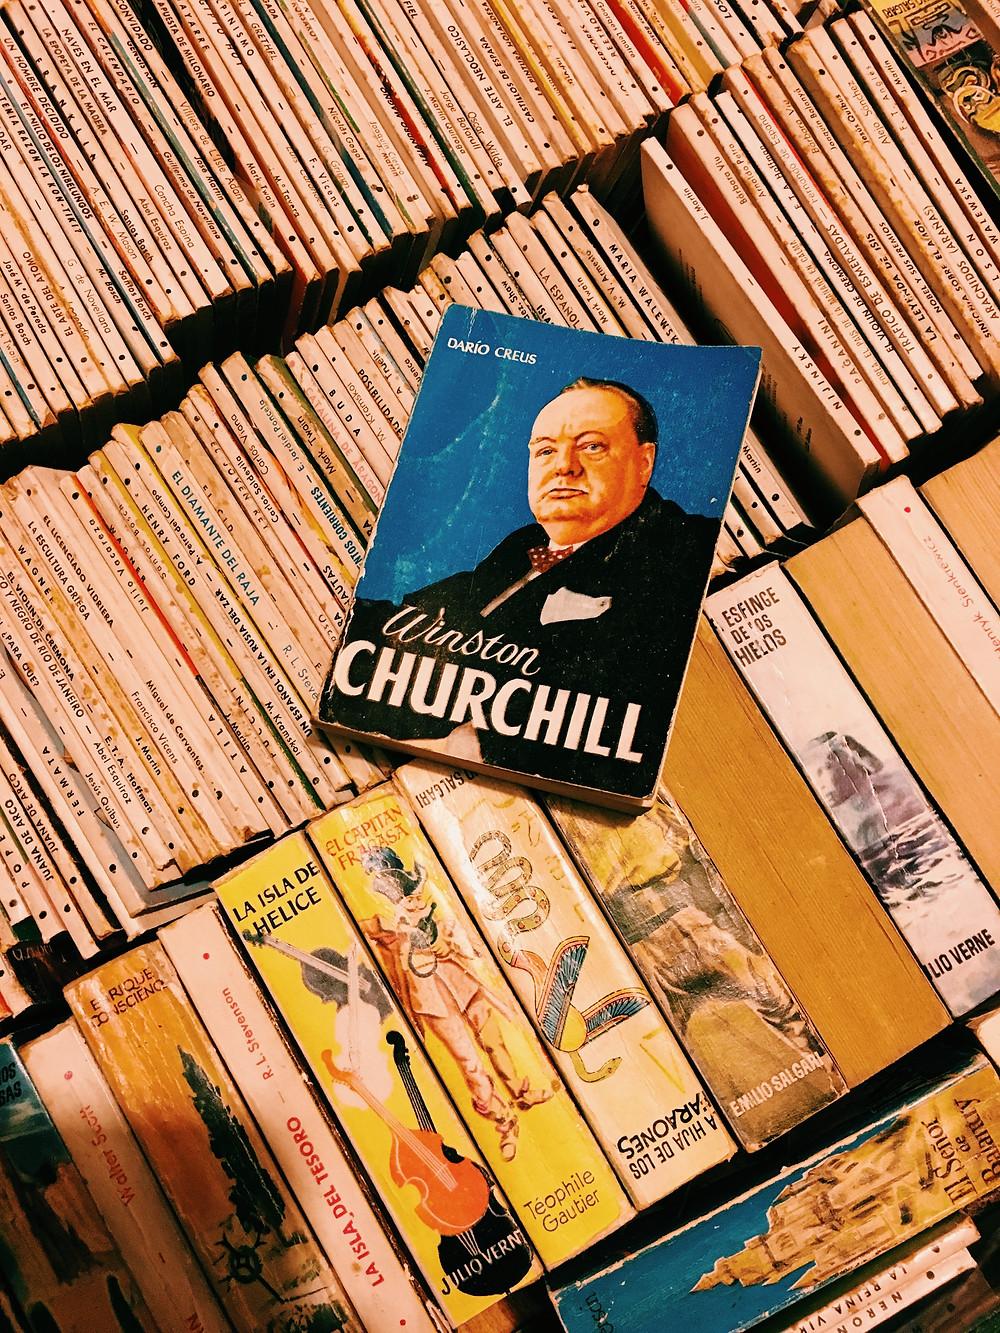 FOTO: Colección de libros de bolsillo